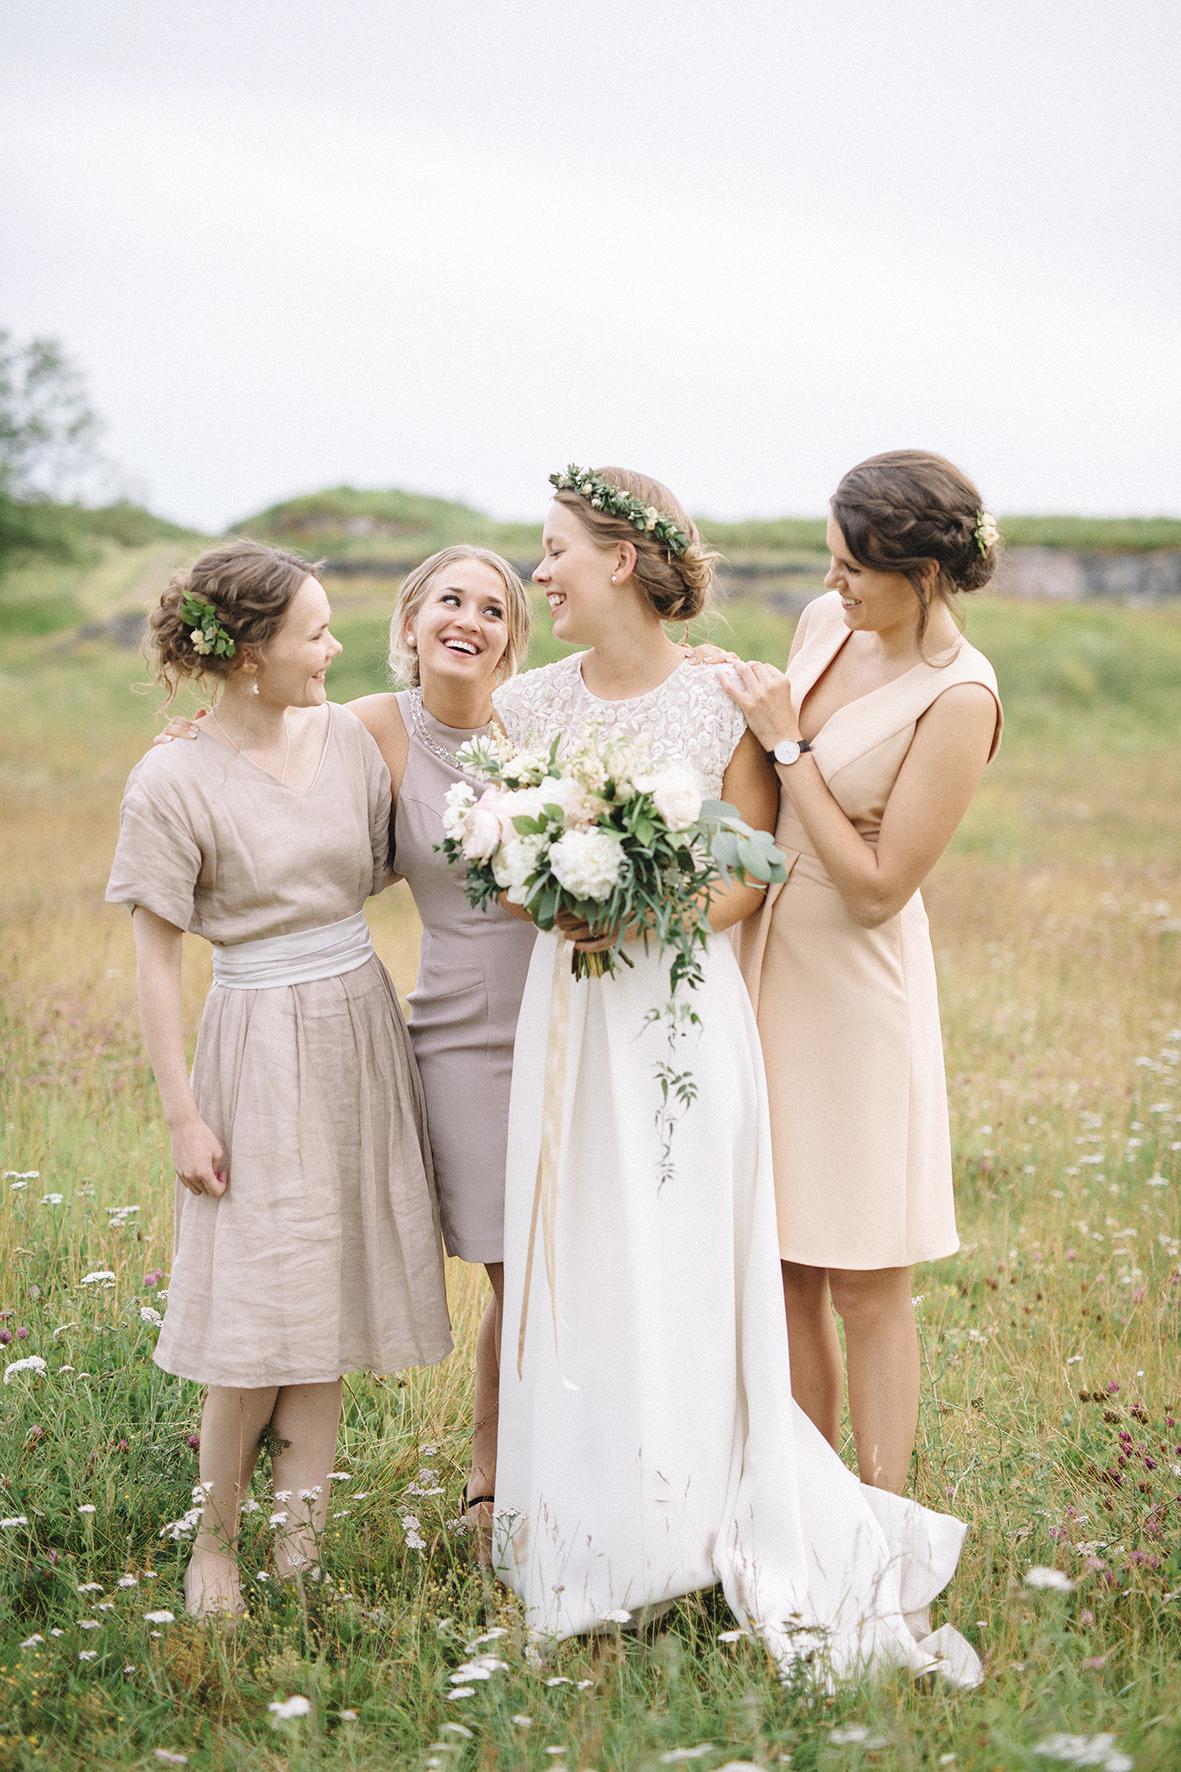 Laura & Jirko's natural summer wedding at Tenalji von Fersen, Suomenlinna